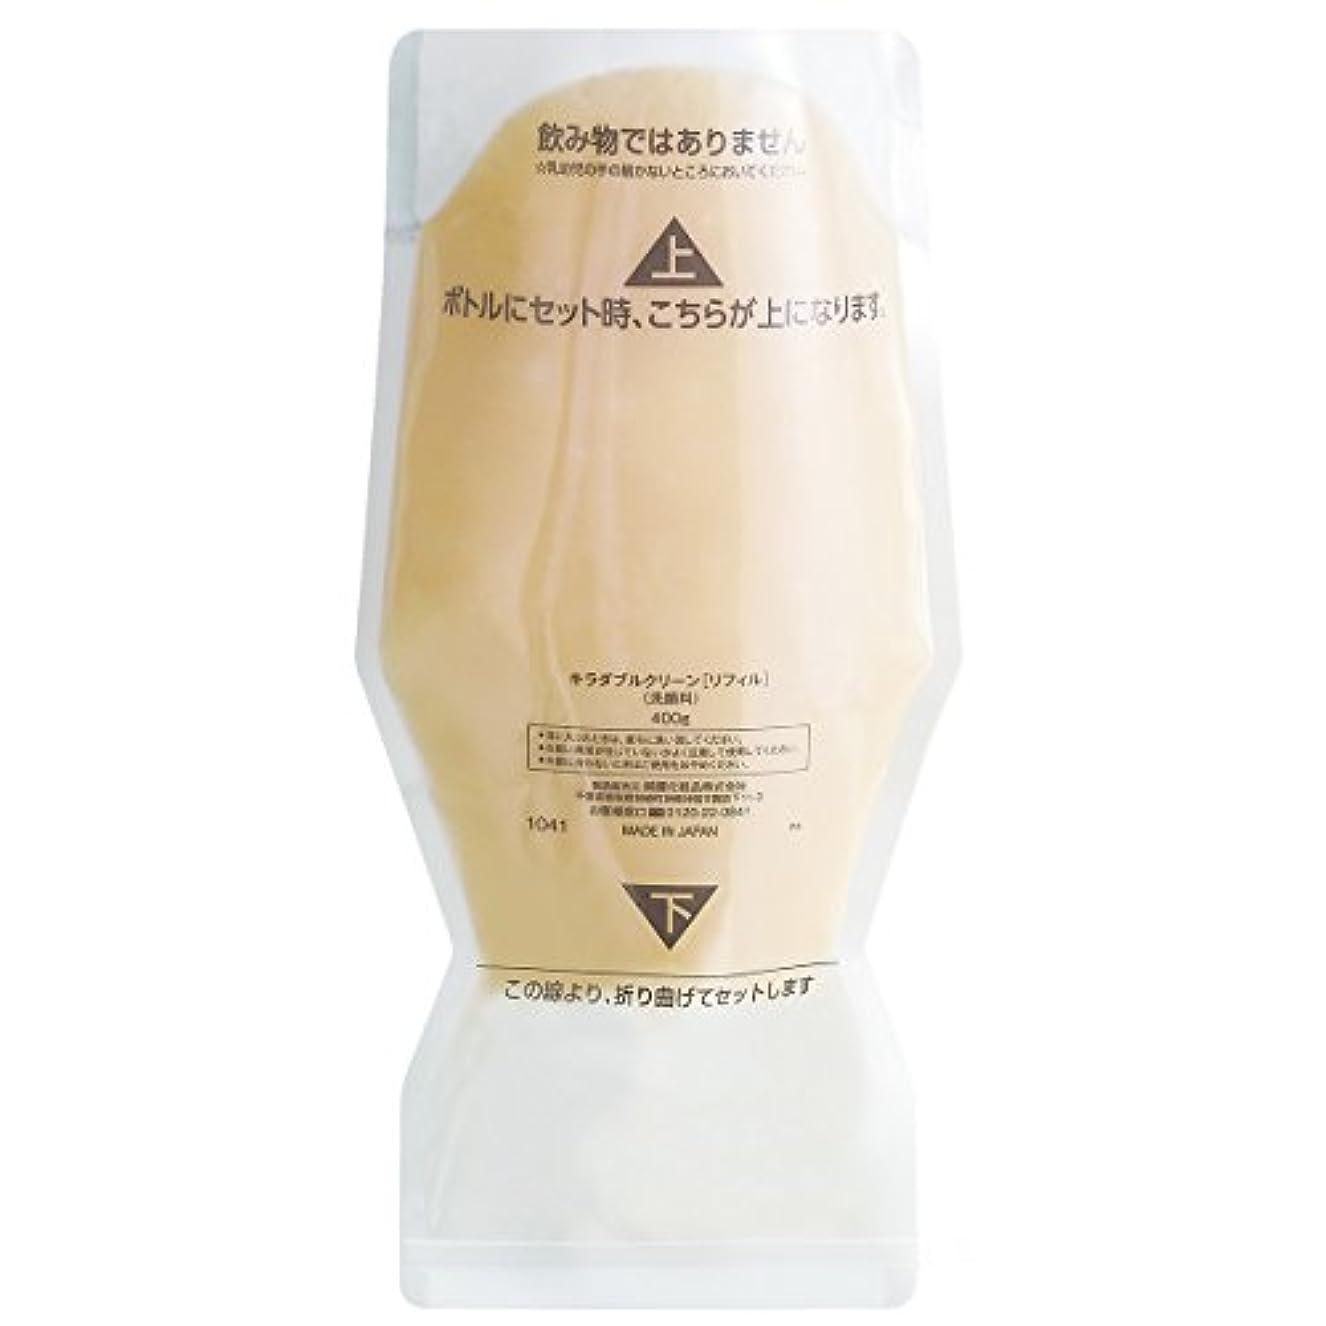 鋸歯状円周モート綺羅化粧品 ダブルクリーン 400g (洗顔料)